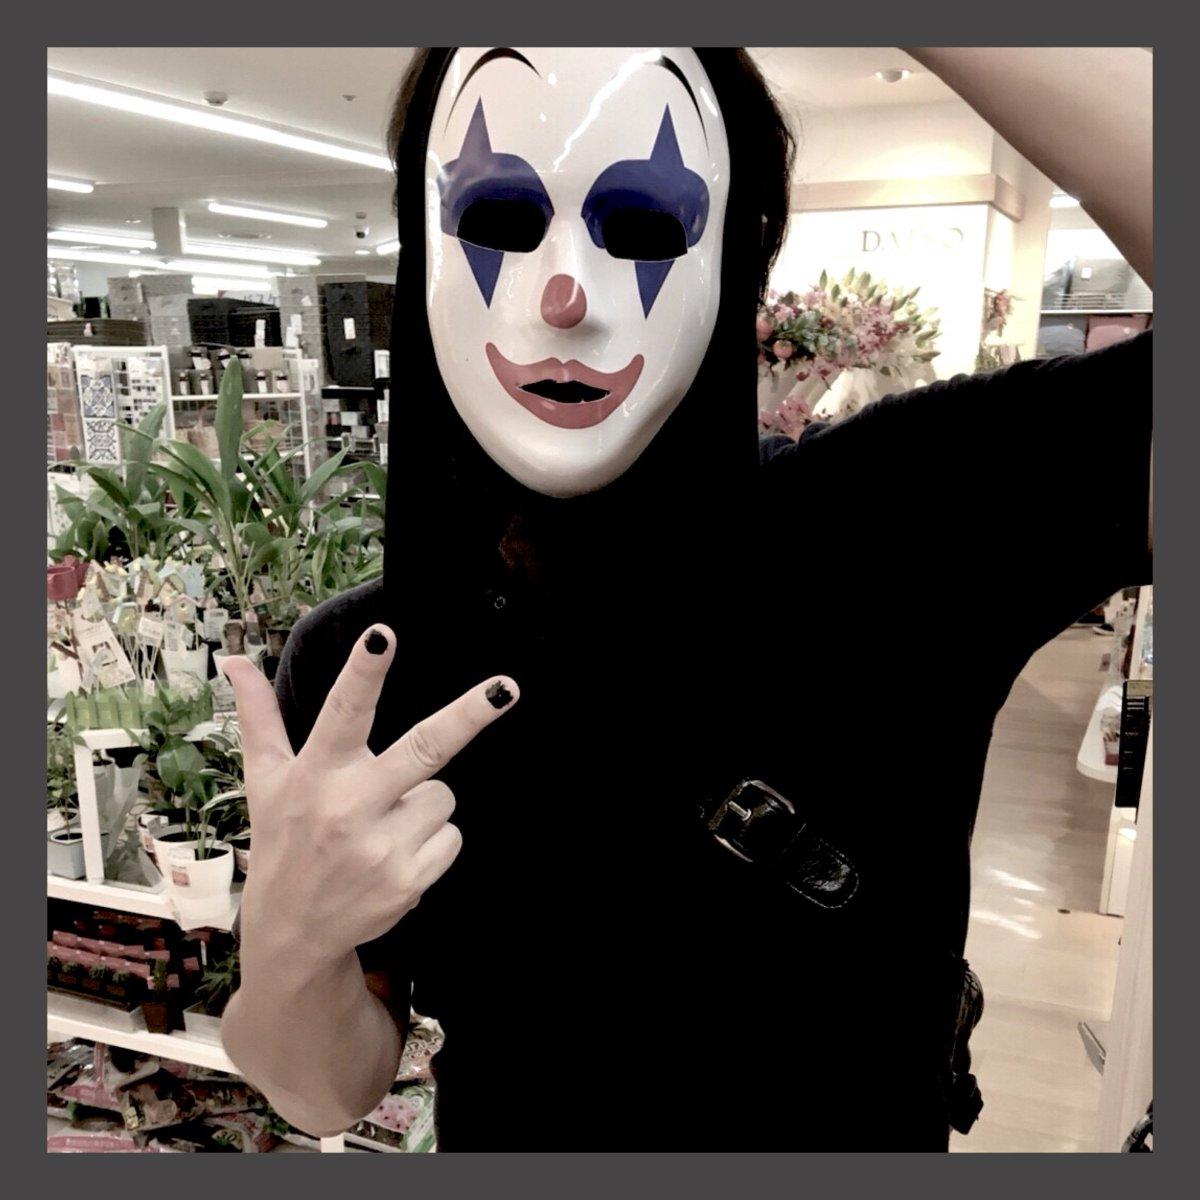 test ツイッターメディア - . 早過ぎたハロウィン出没 Halloween appearance too soon . シュールにダイソーにて . でもこういう遊び好きだなあ . #halloween #japan #daiso #百均 https://t.co/JfSwYclLzW